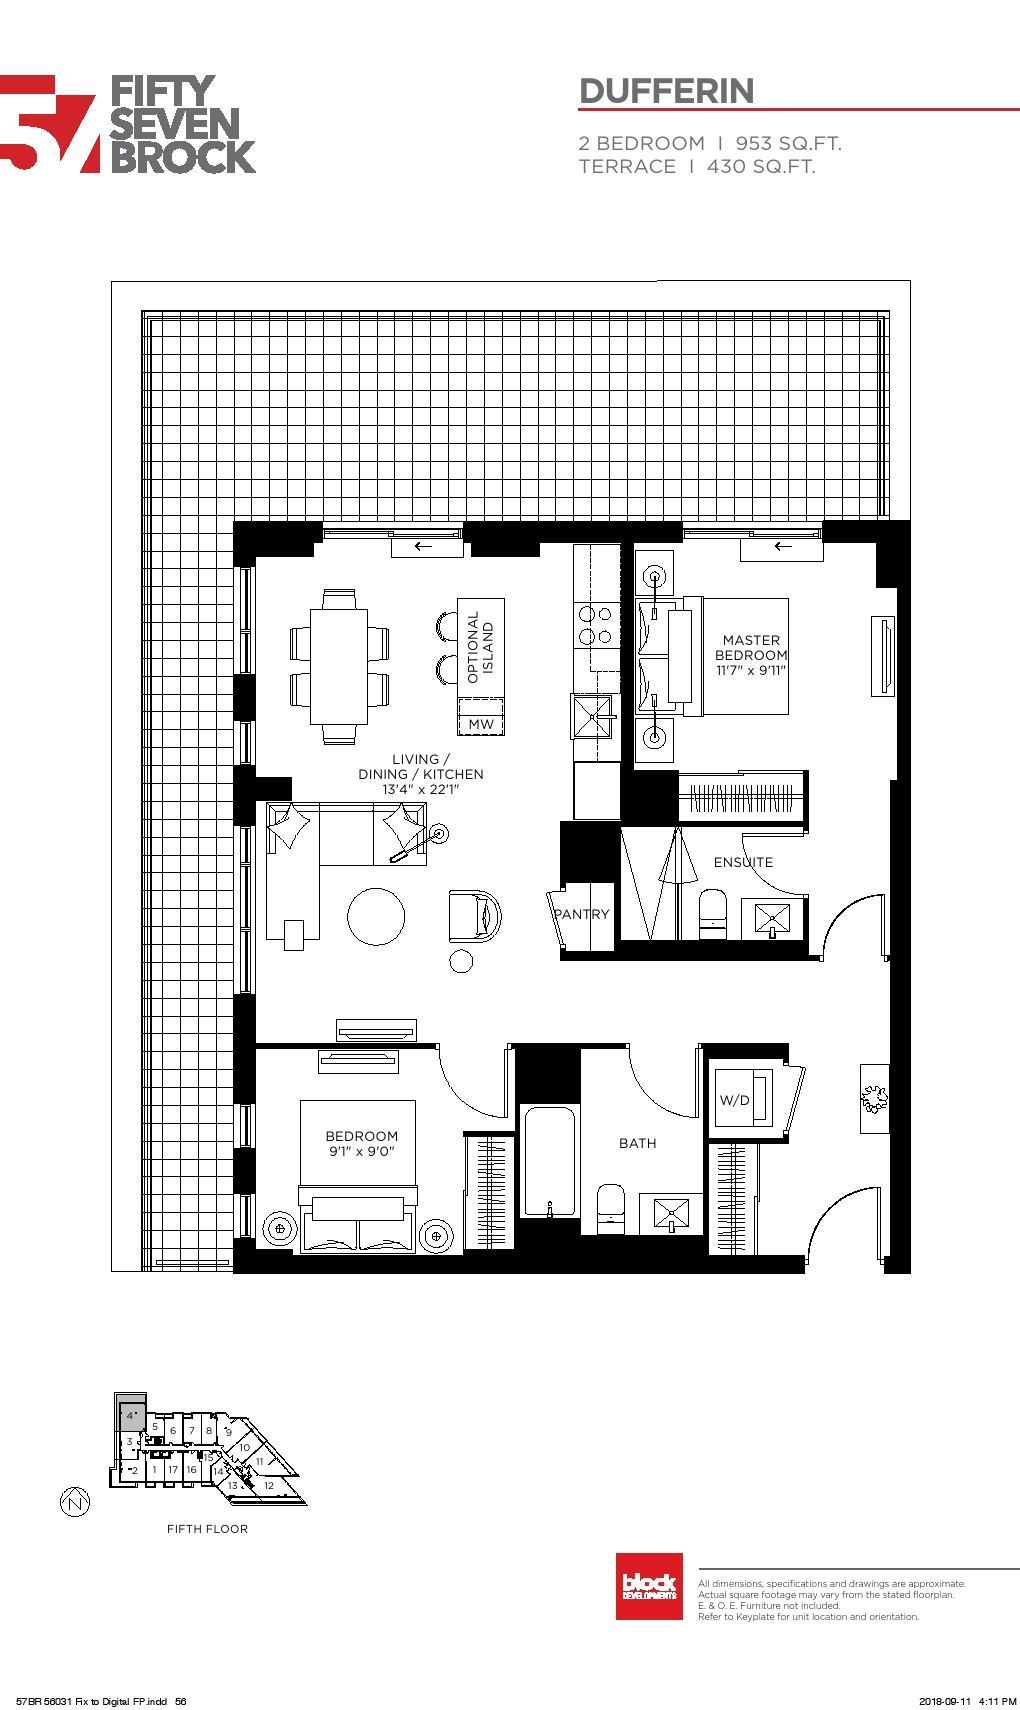 57 brock condos floor plans